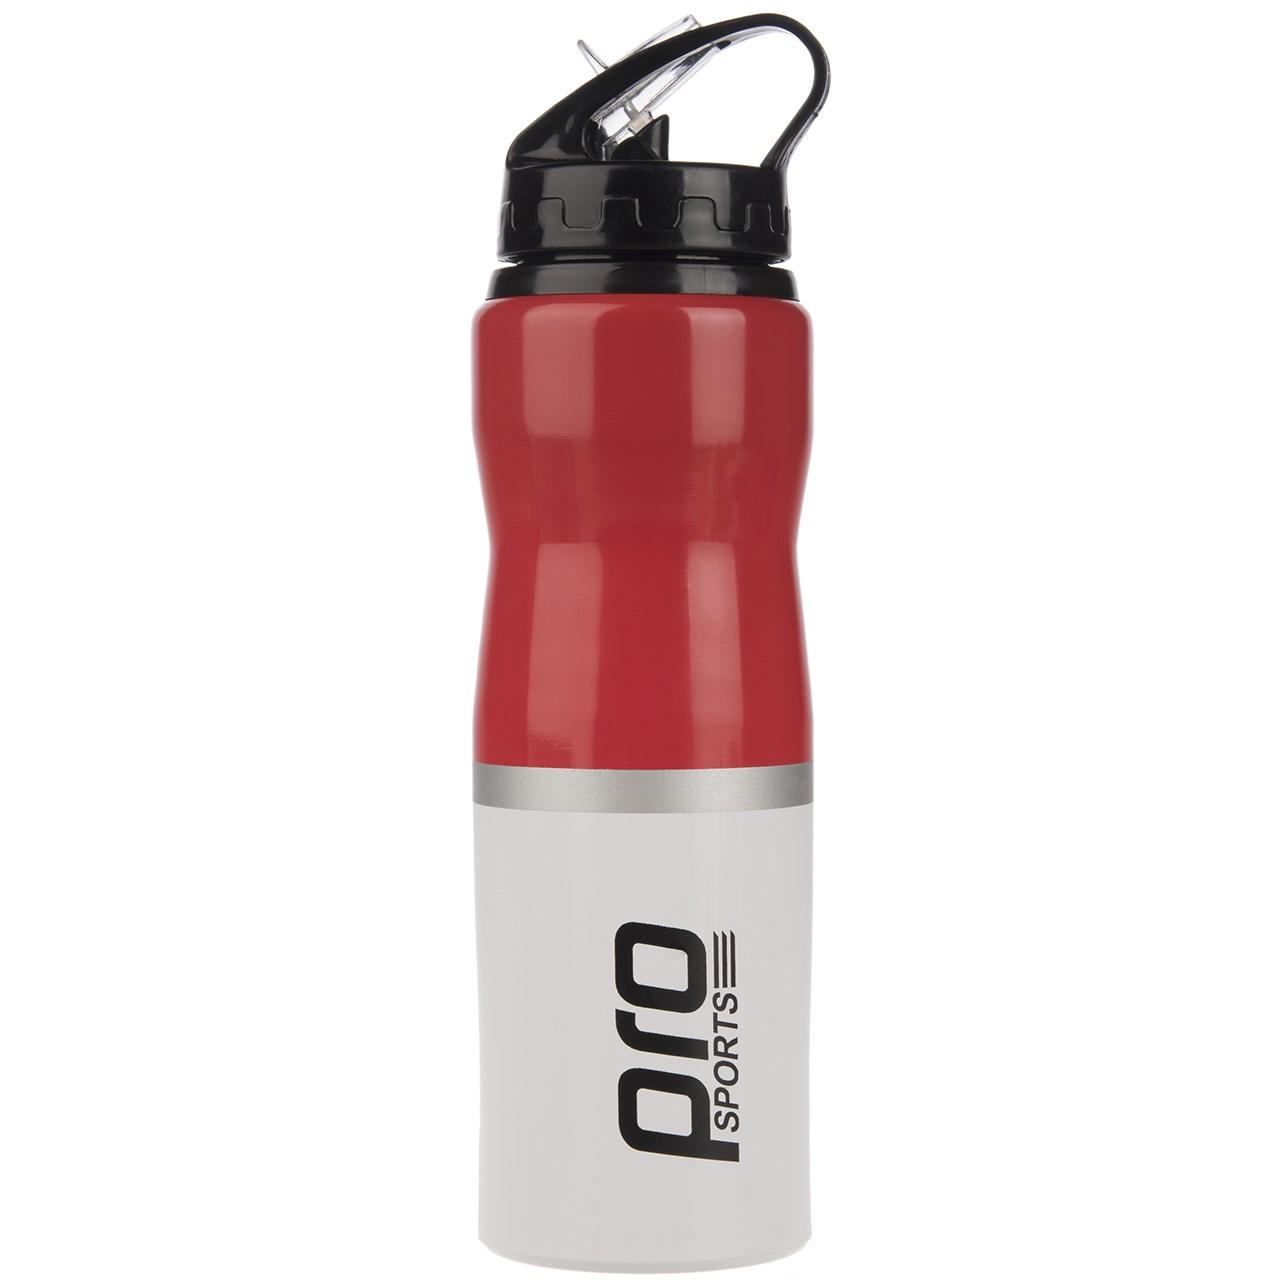 قمقمه پرو اسپورتز مدل PS-001 ظرفیت 0.75 لیتر